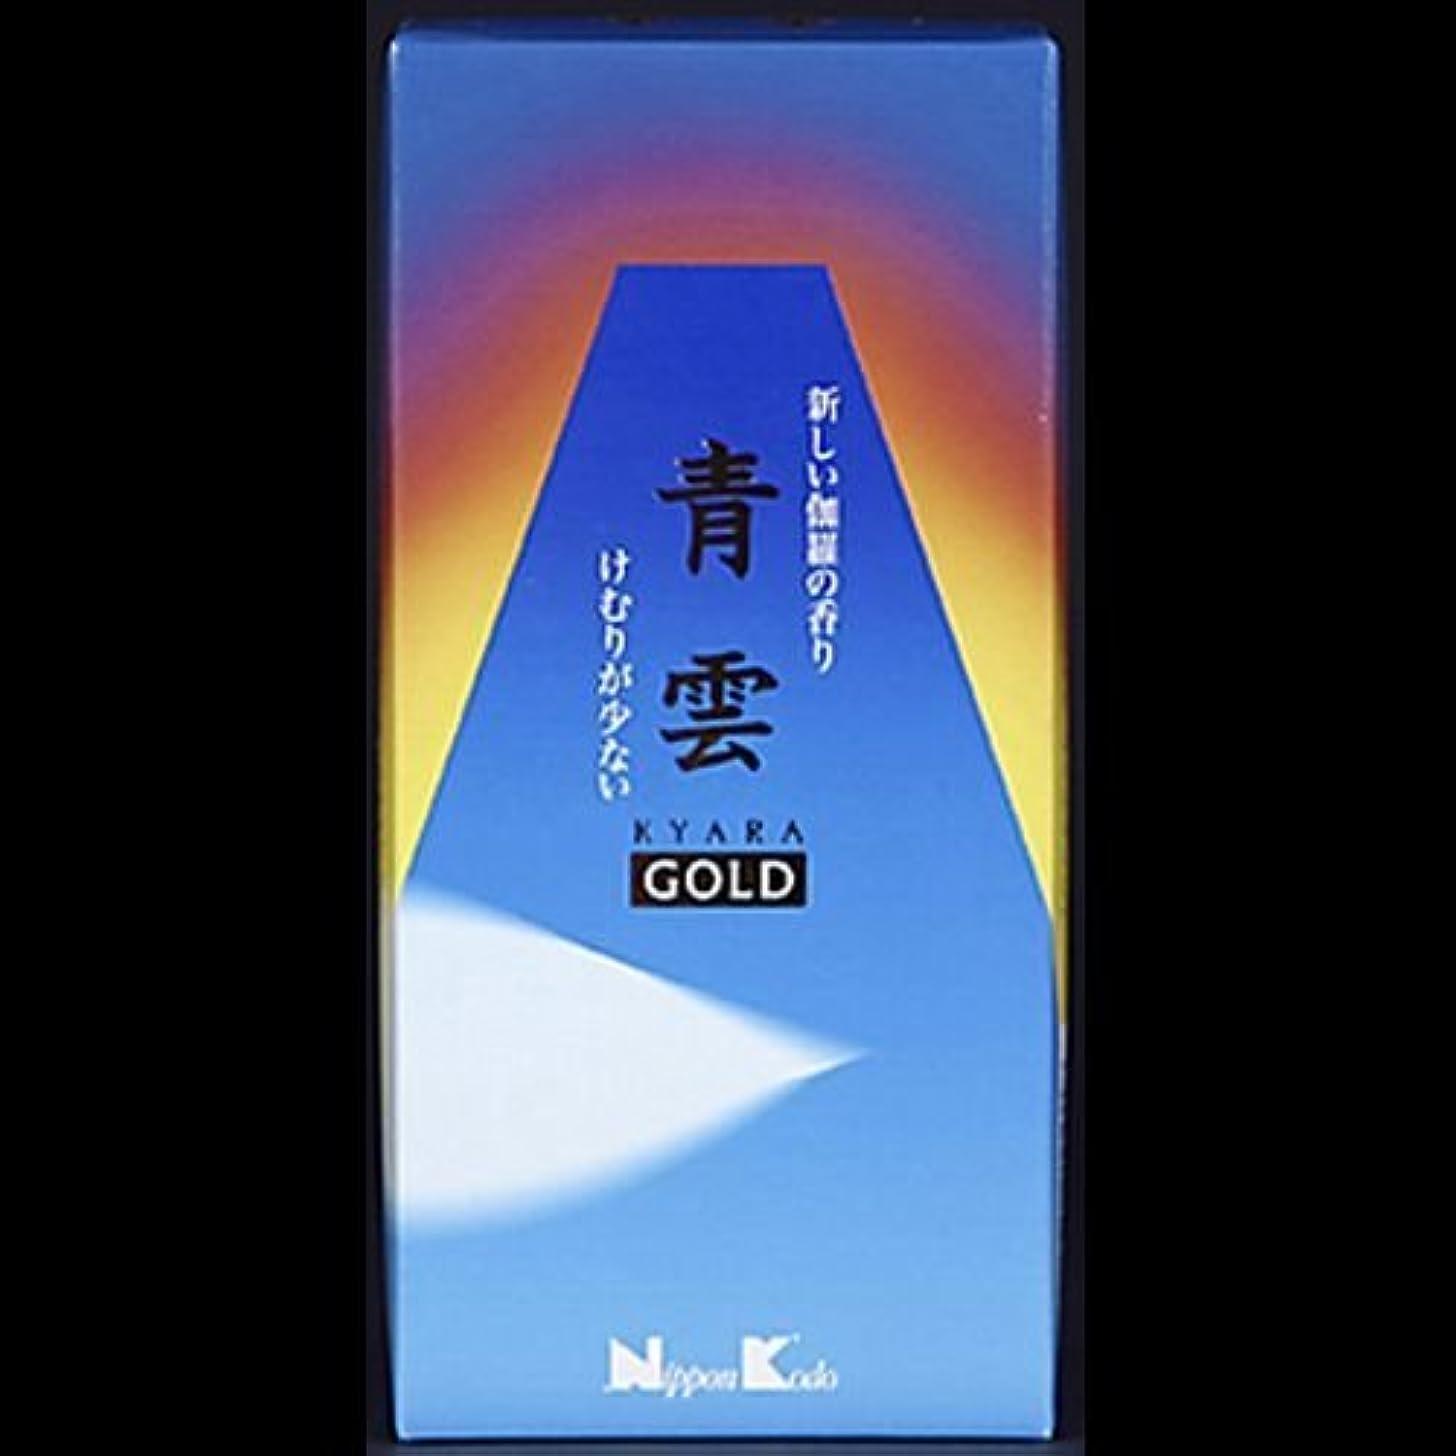 サドル本質的に少なくとも【まとめ買い】青雲ゴールドバラ詰め ×2セット